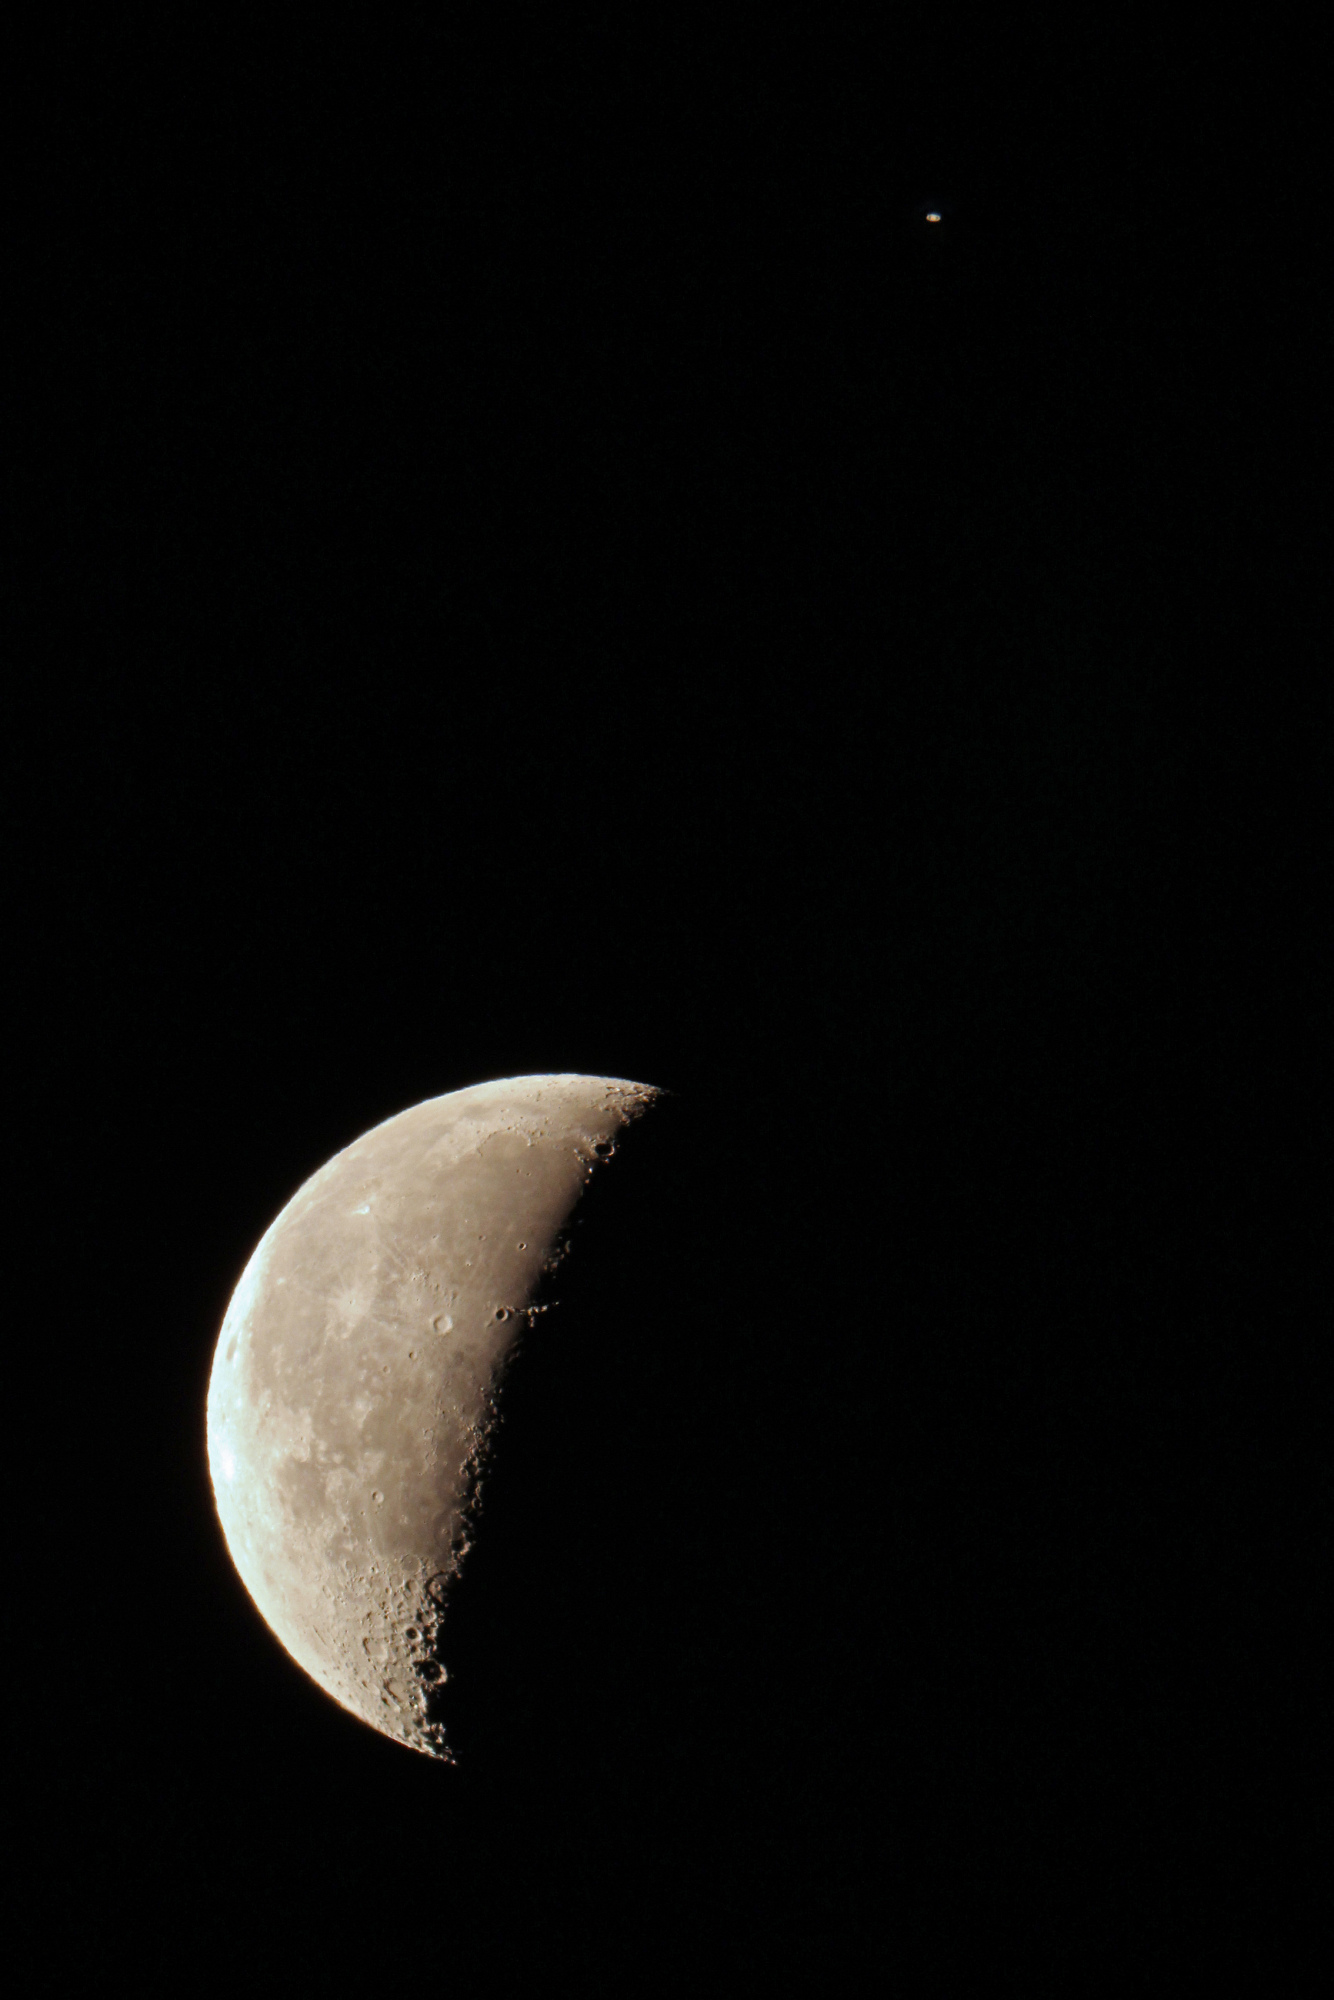 5c9db50e2a81e_lune-sat29_03.2019rduite.thumb.jpg.f712723c2cc1c08bef52267c9d44ec8d.jpg